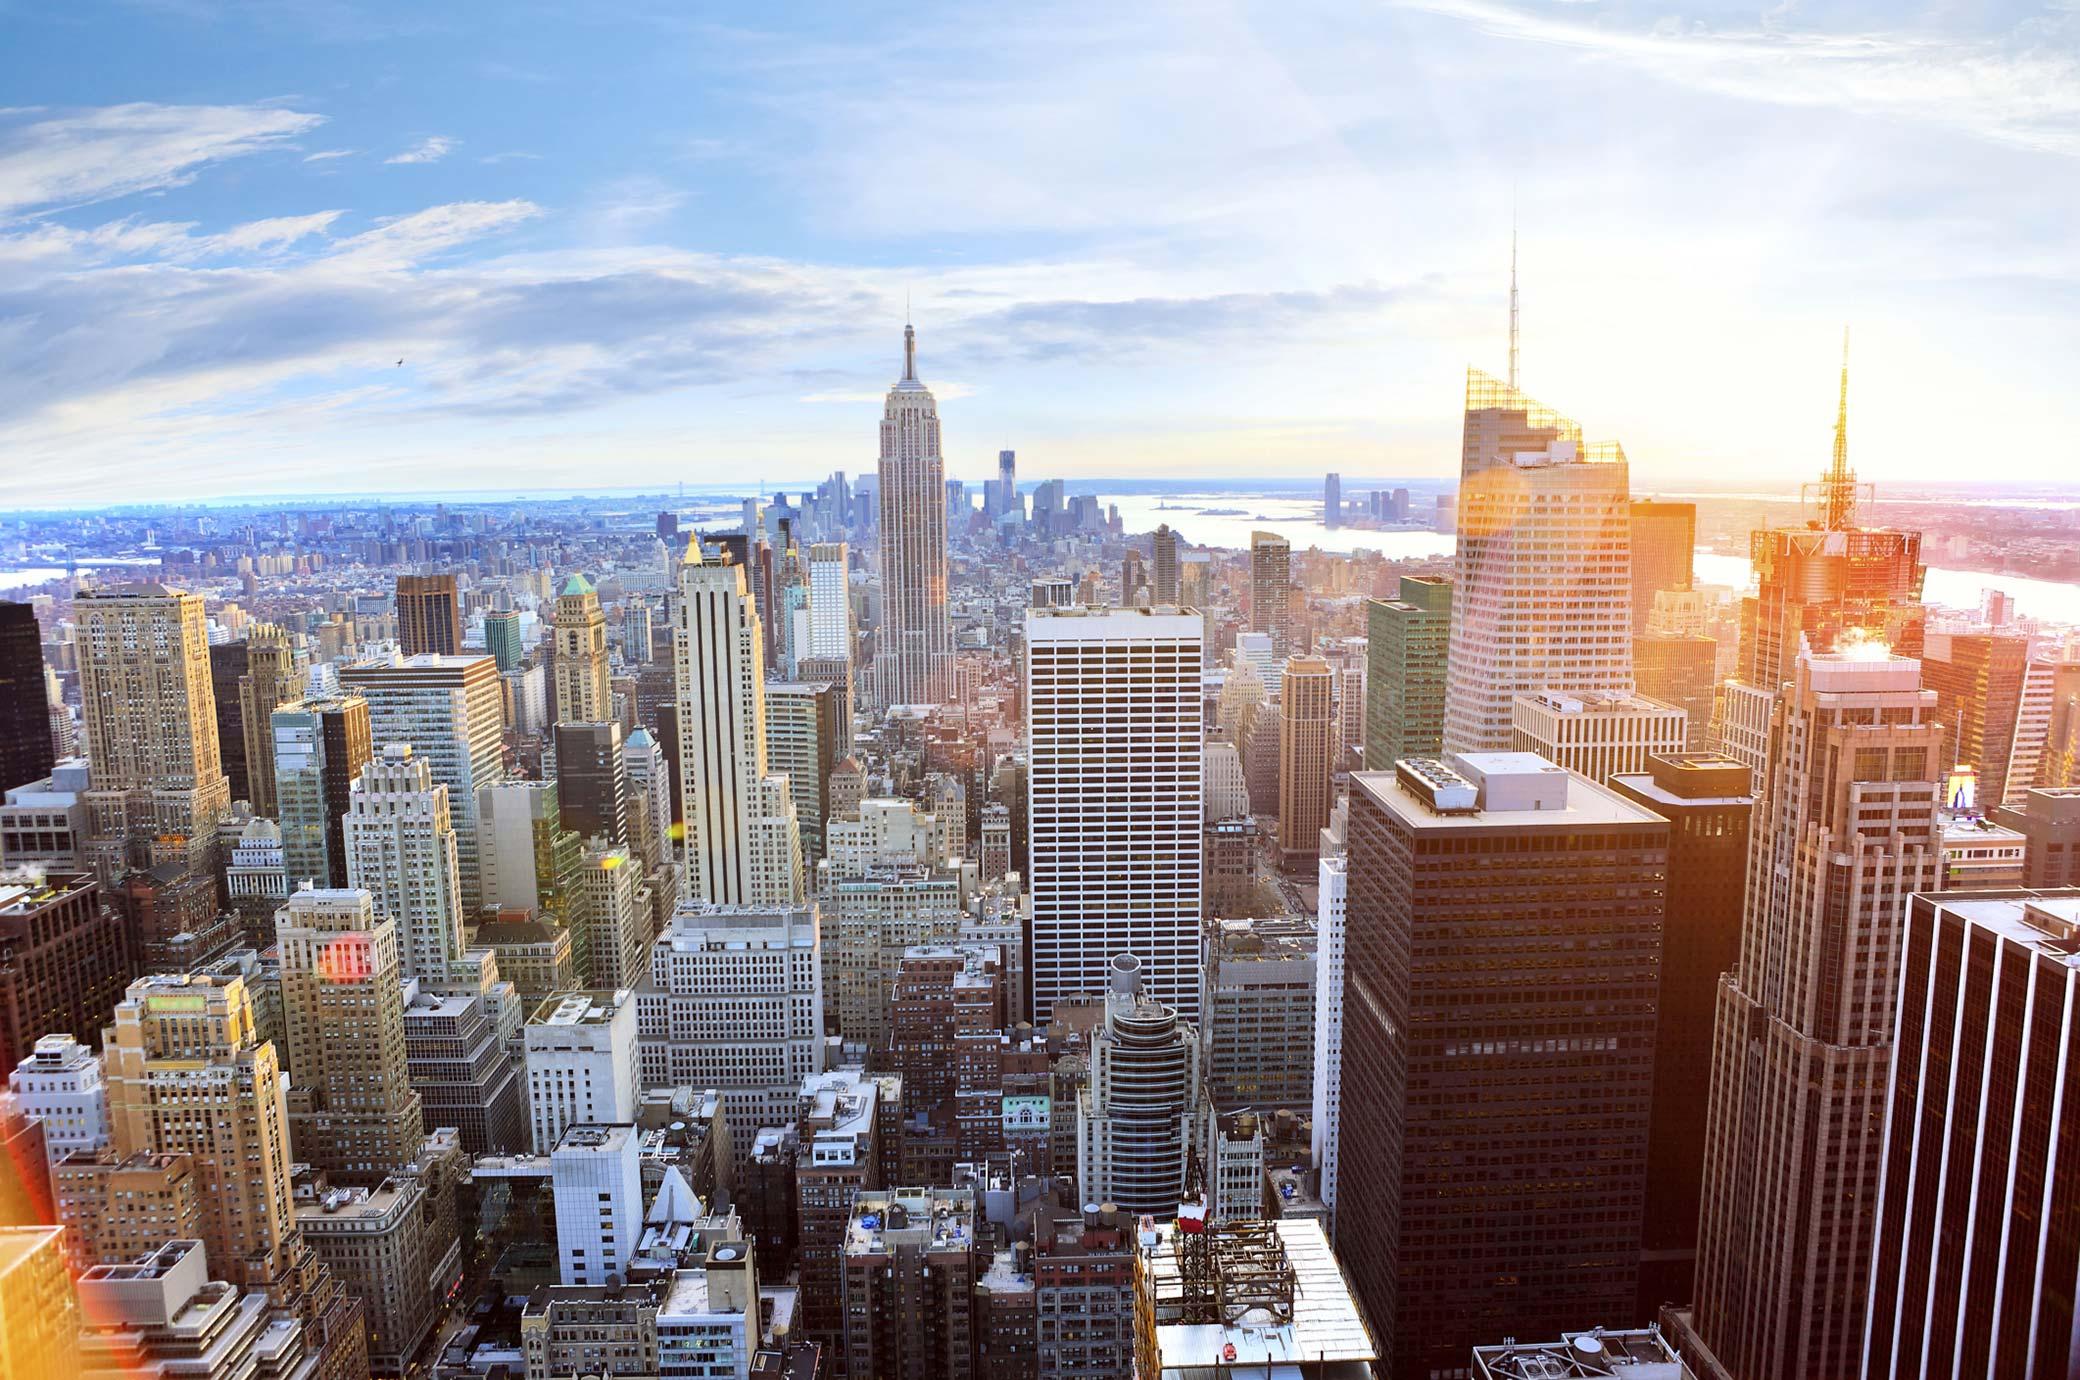 Dịch vụ chuyển phát nhanh từ Hà Nội đi New York (Mỹ) giá rẻ, uy tín